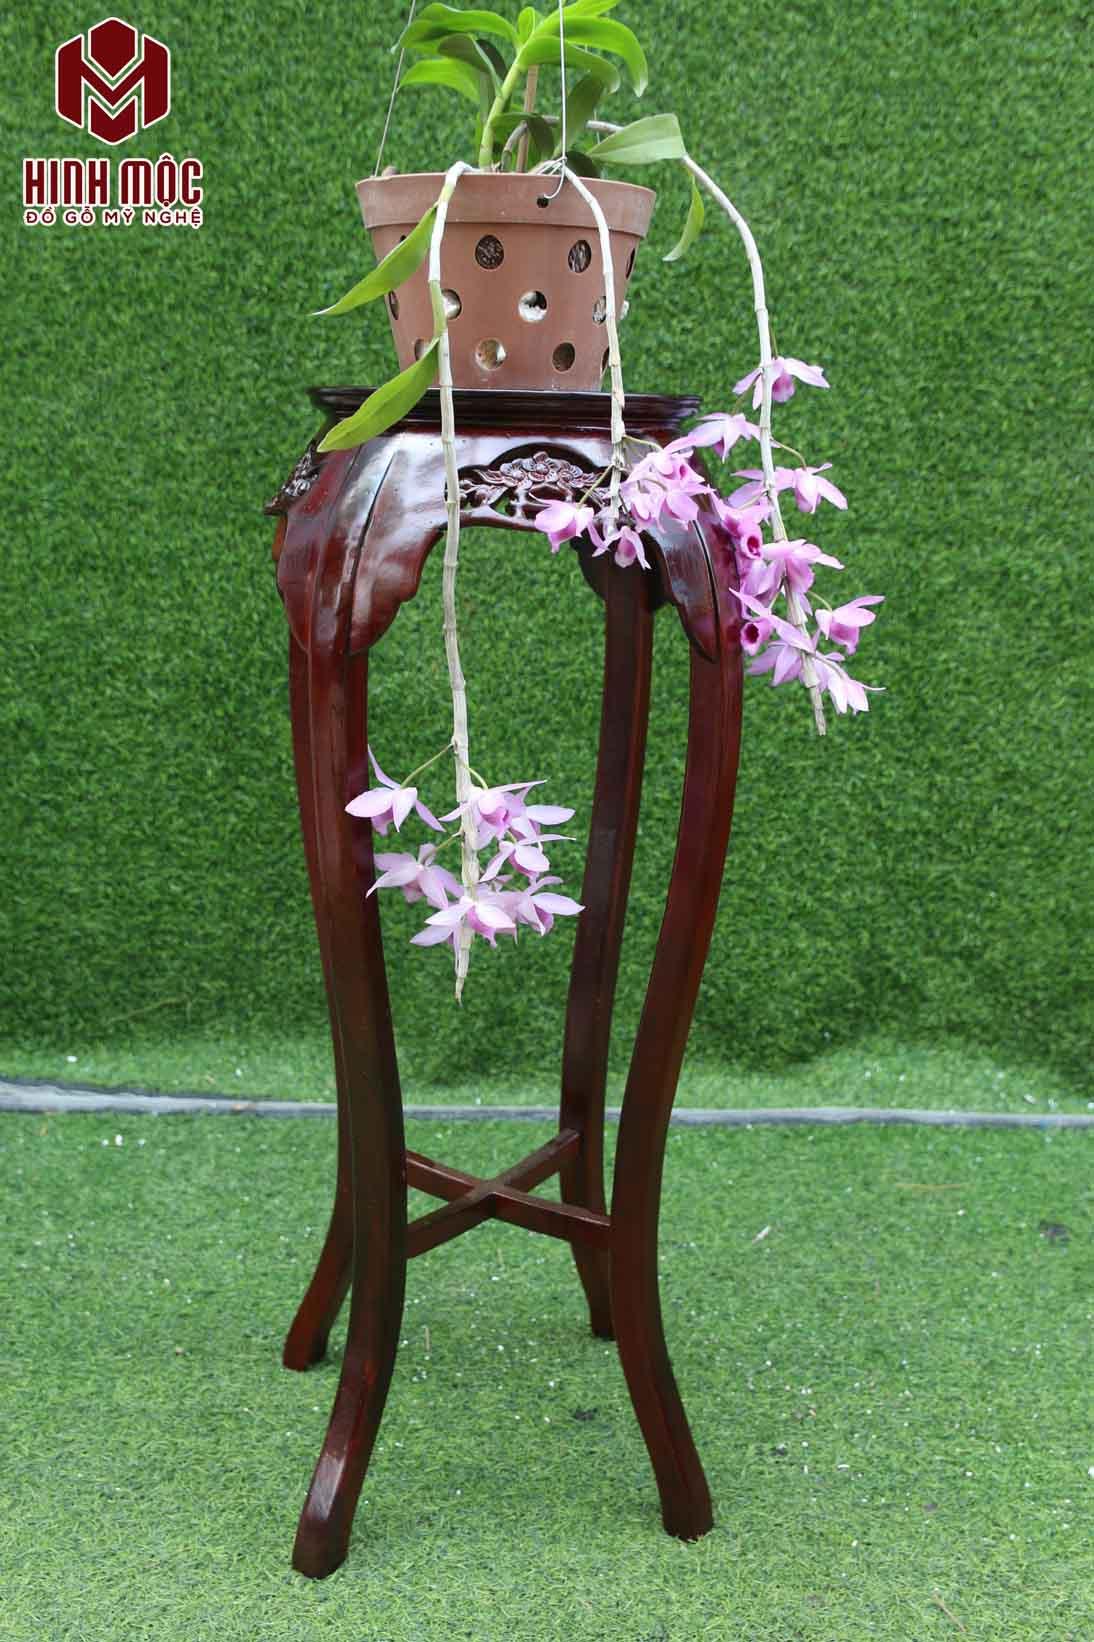 đôn gỗ kê bình hoa